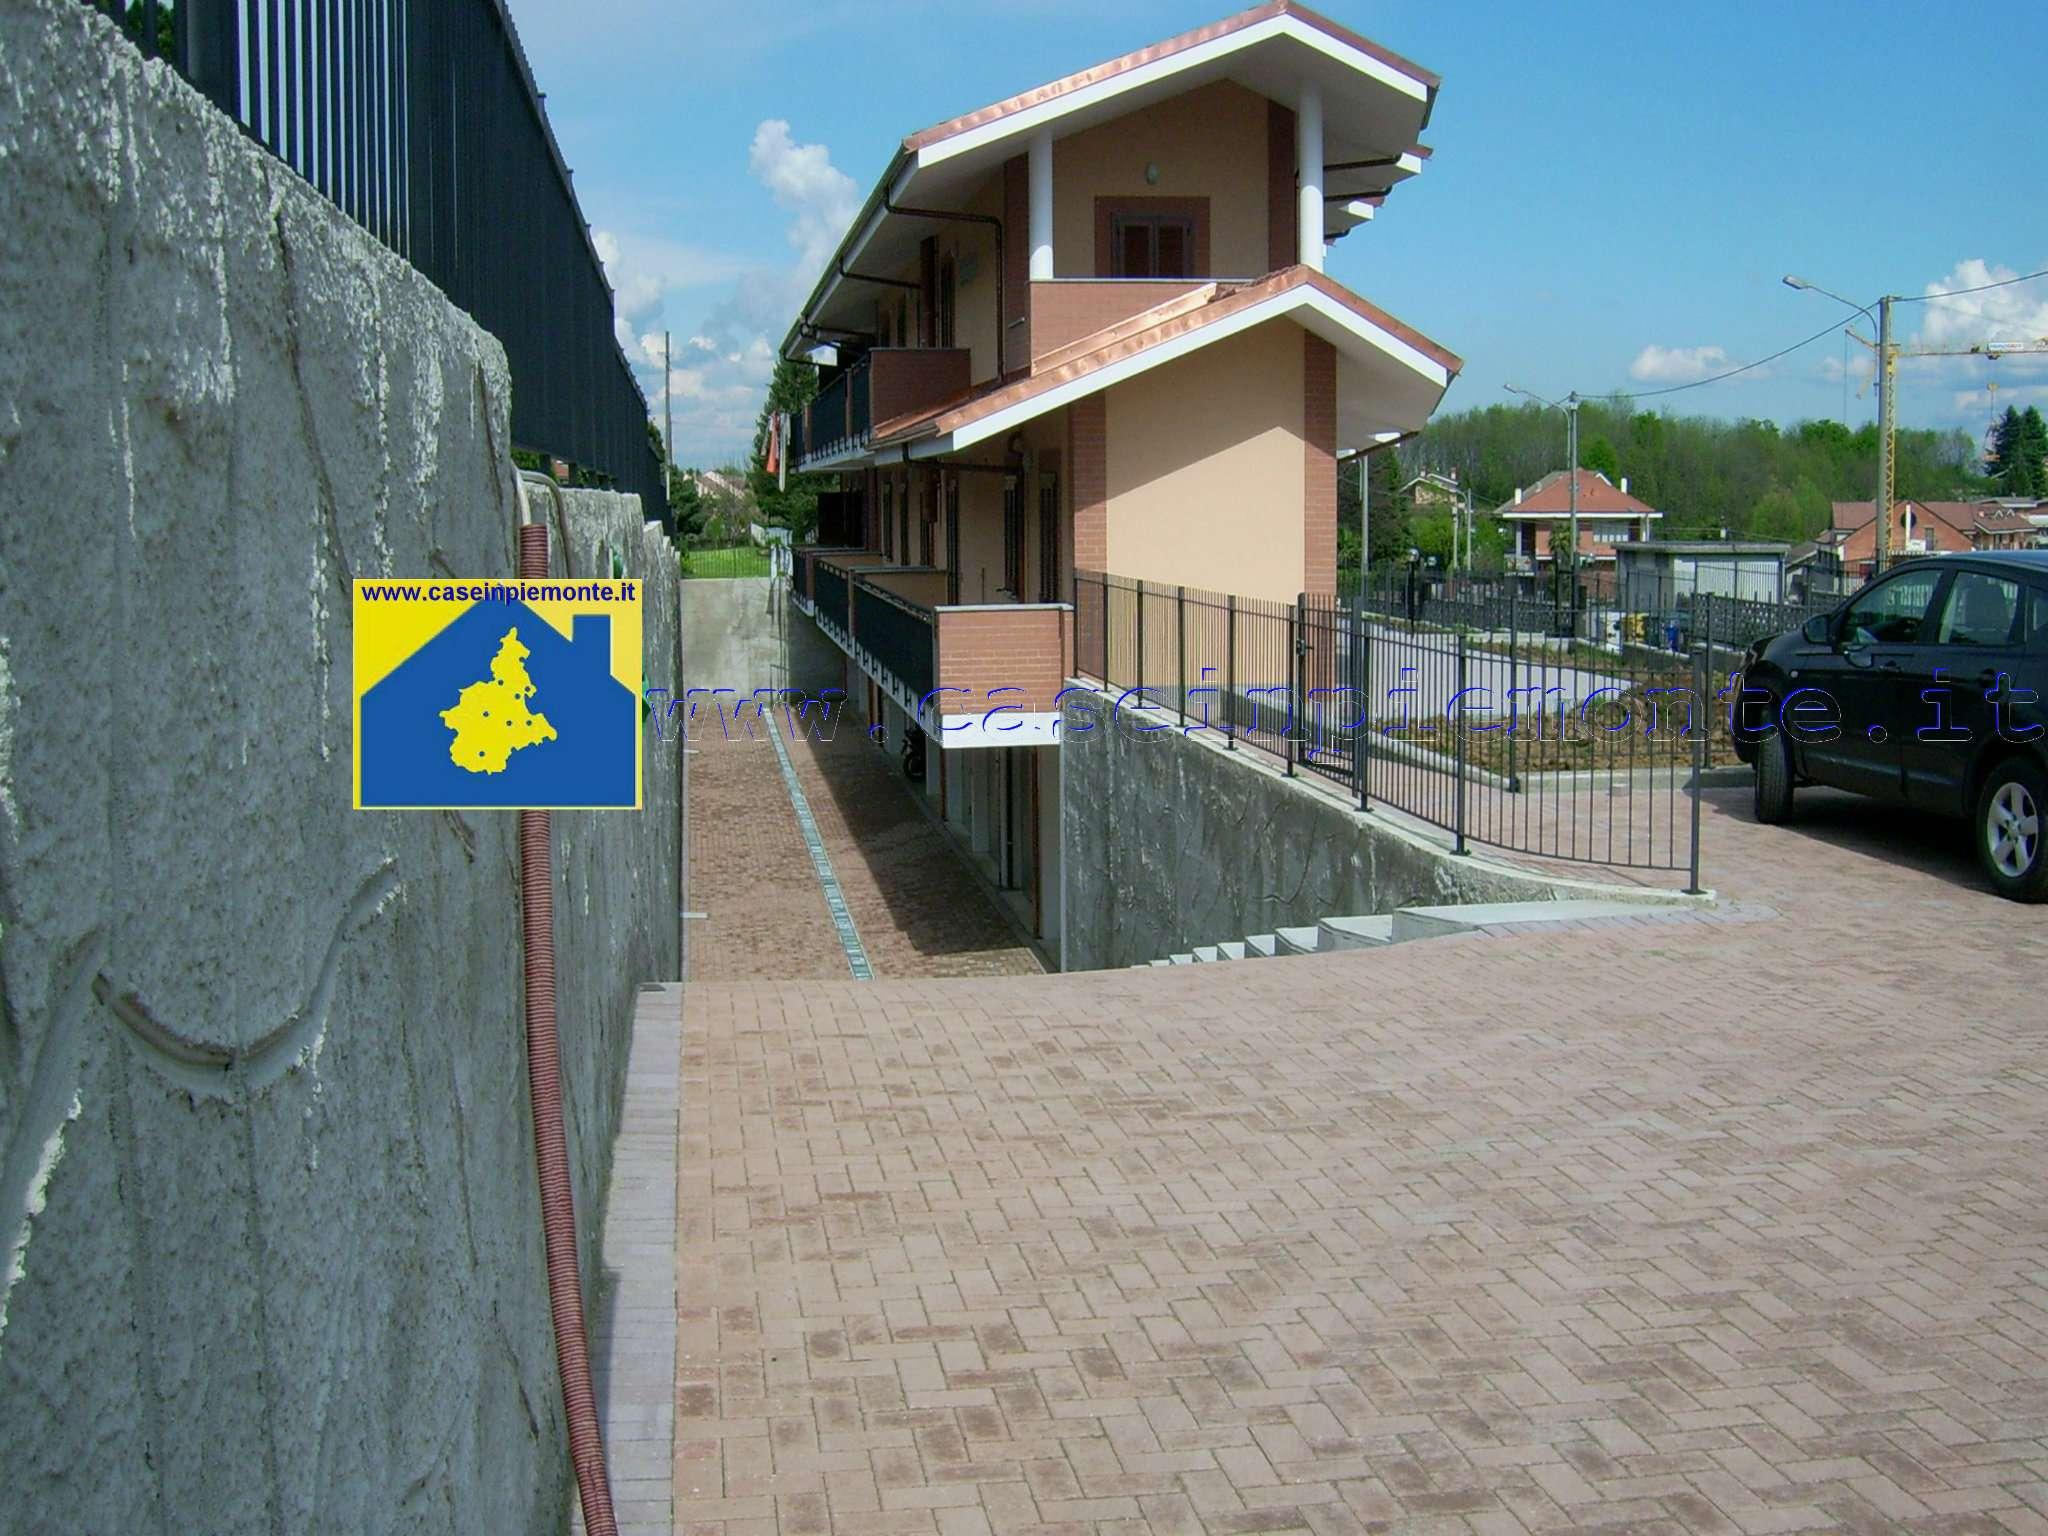 Appartamento in vendita a Caselette, 3 locali, prezzo € 170.000 | CambioCasa.it